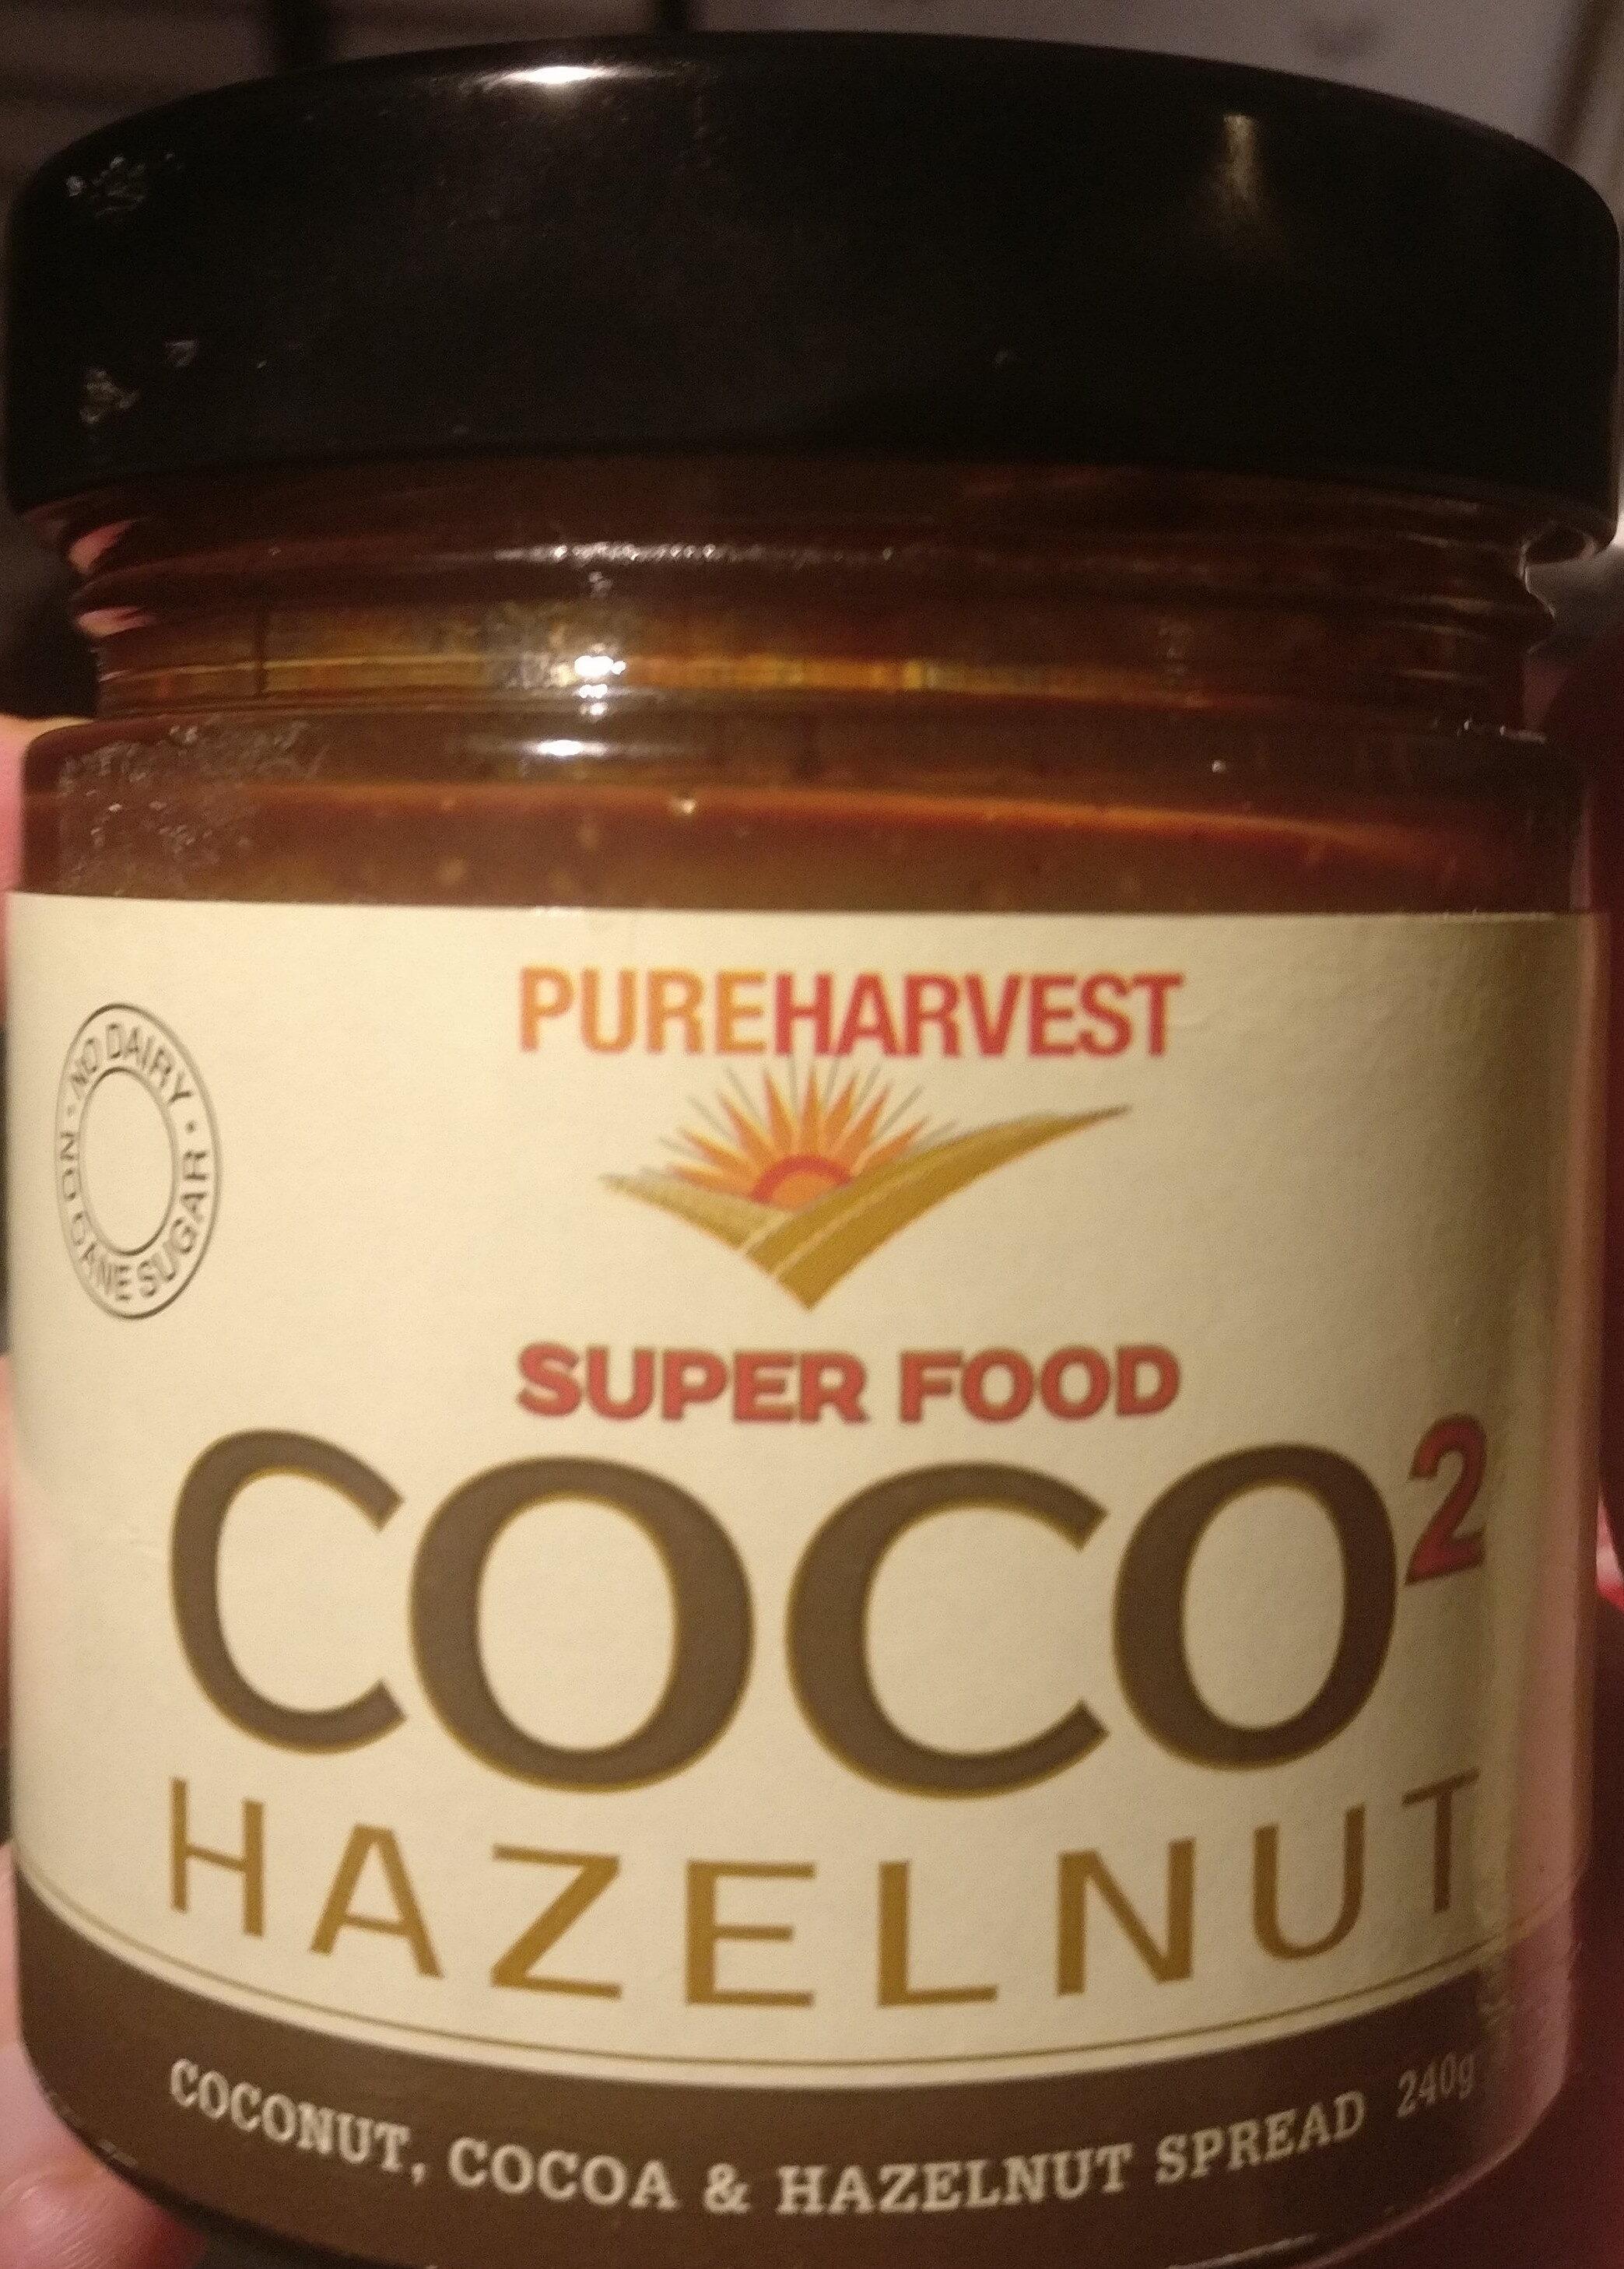 Coco2 Hazelnut Spread 240GM - Product